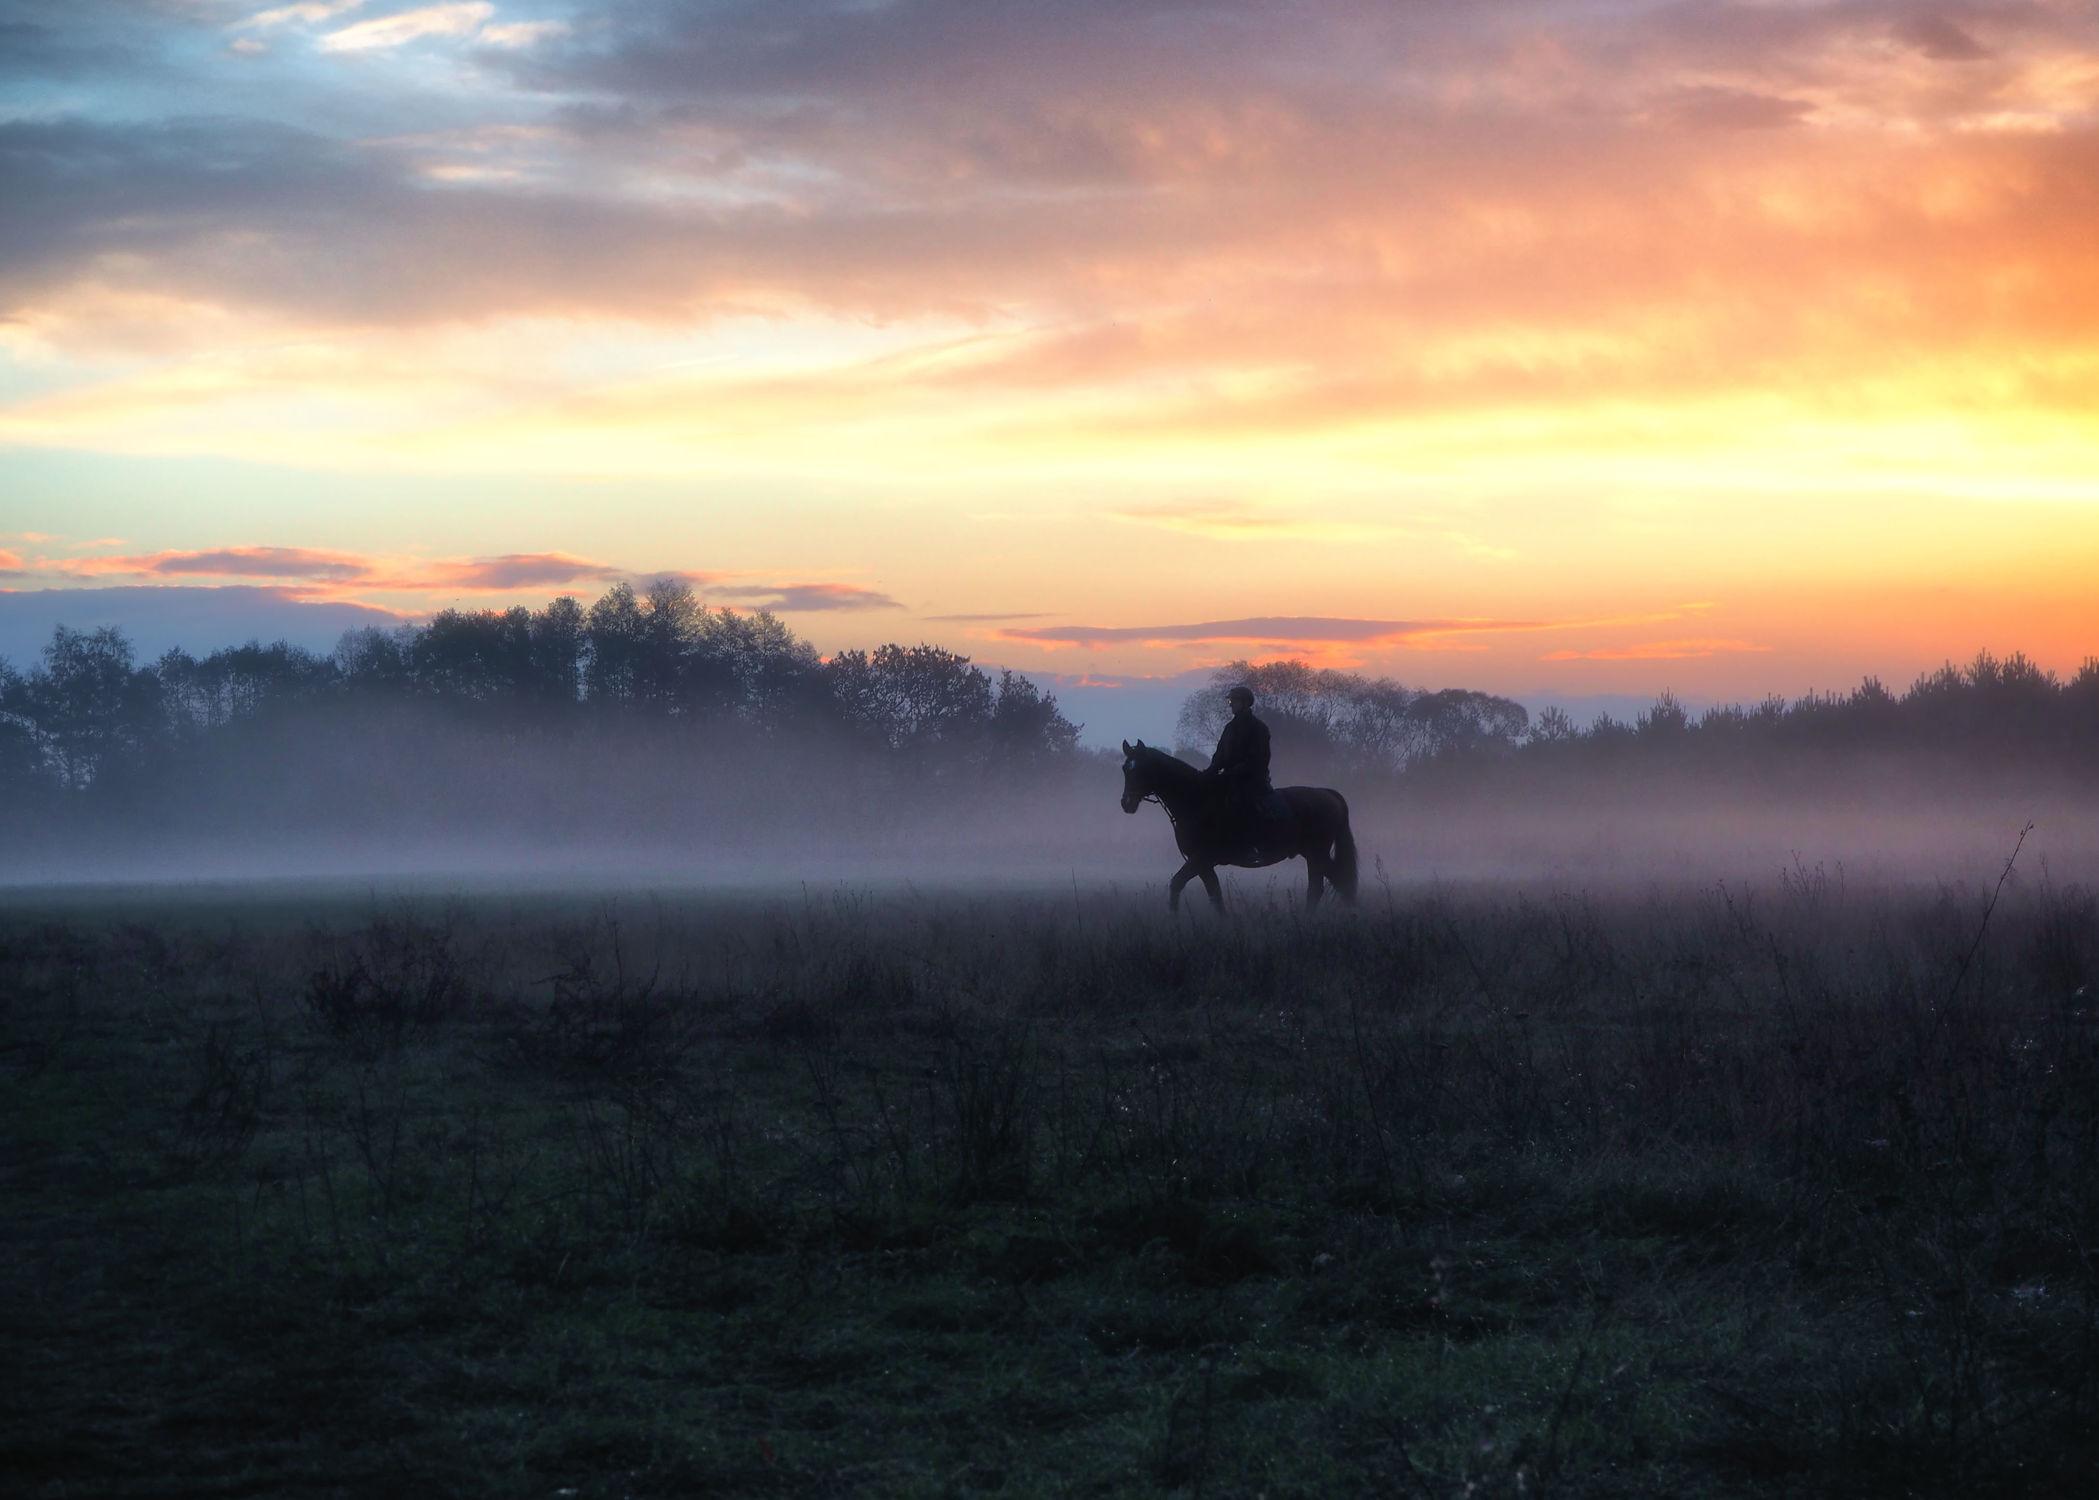 Bild mit Tiere, Weiden und Wiesen, Sonnenuntergang, Sonnenuntergang, Nebel, Pferde, Pferde, Tier, Wiese, Kinderbild, Kinderbilder, Feld, Pferd, Pferd, Felder, Weide, reiten, Reiter, Reiterin, Pferdeliebe, pferdebilder, pferdebild